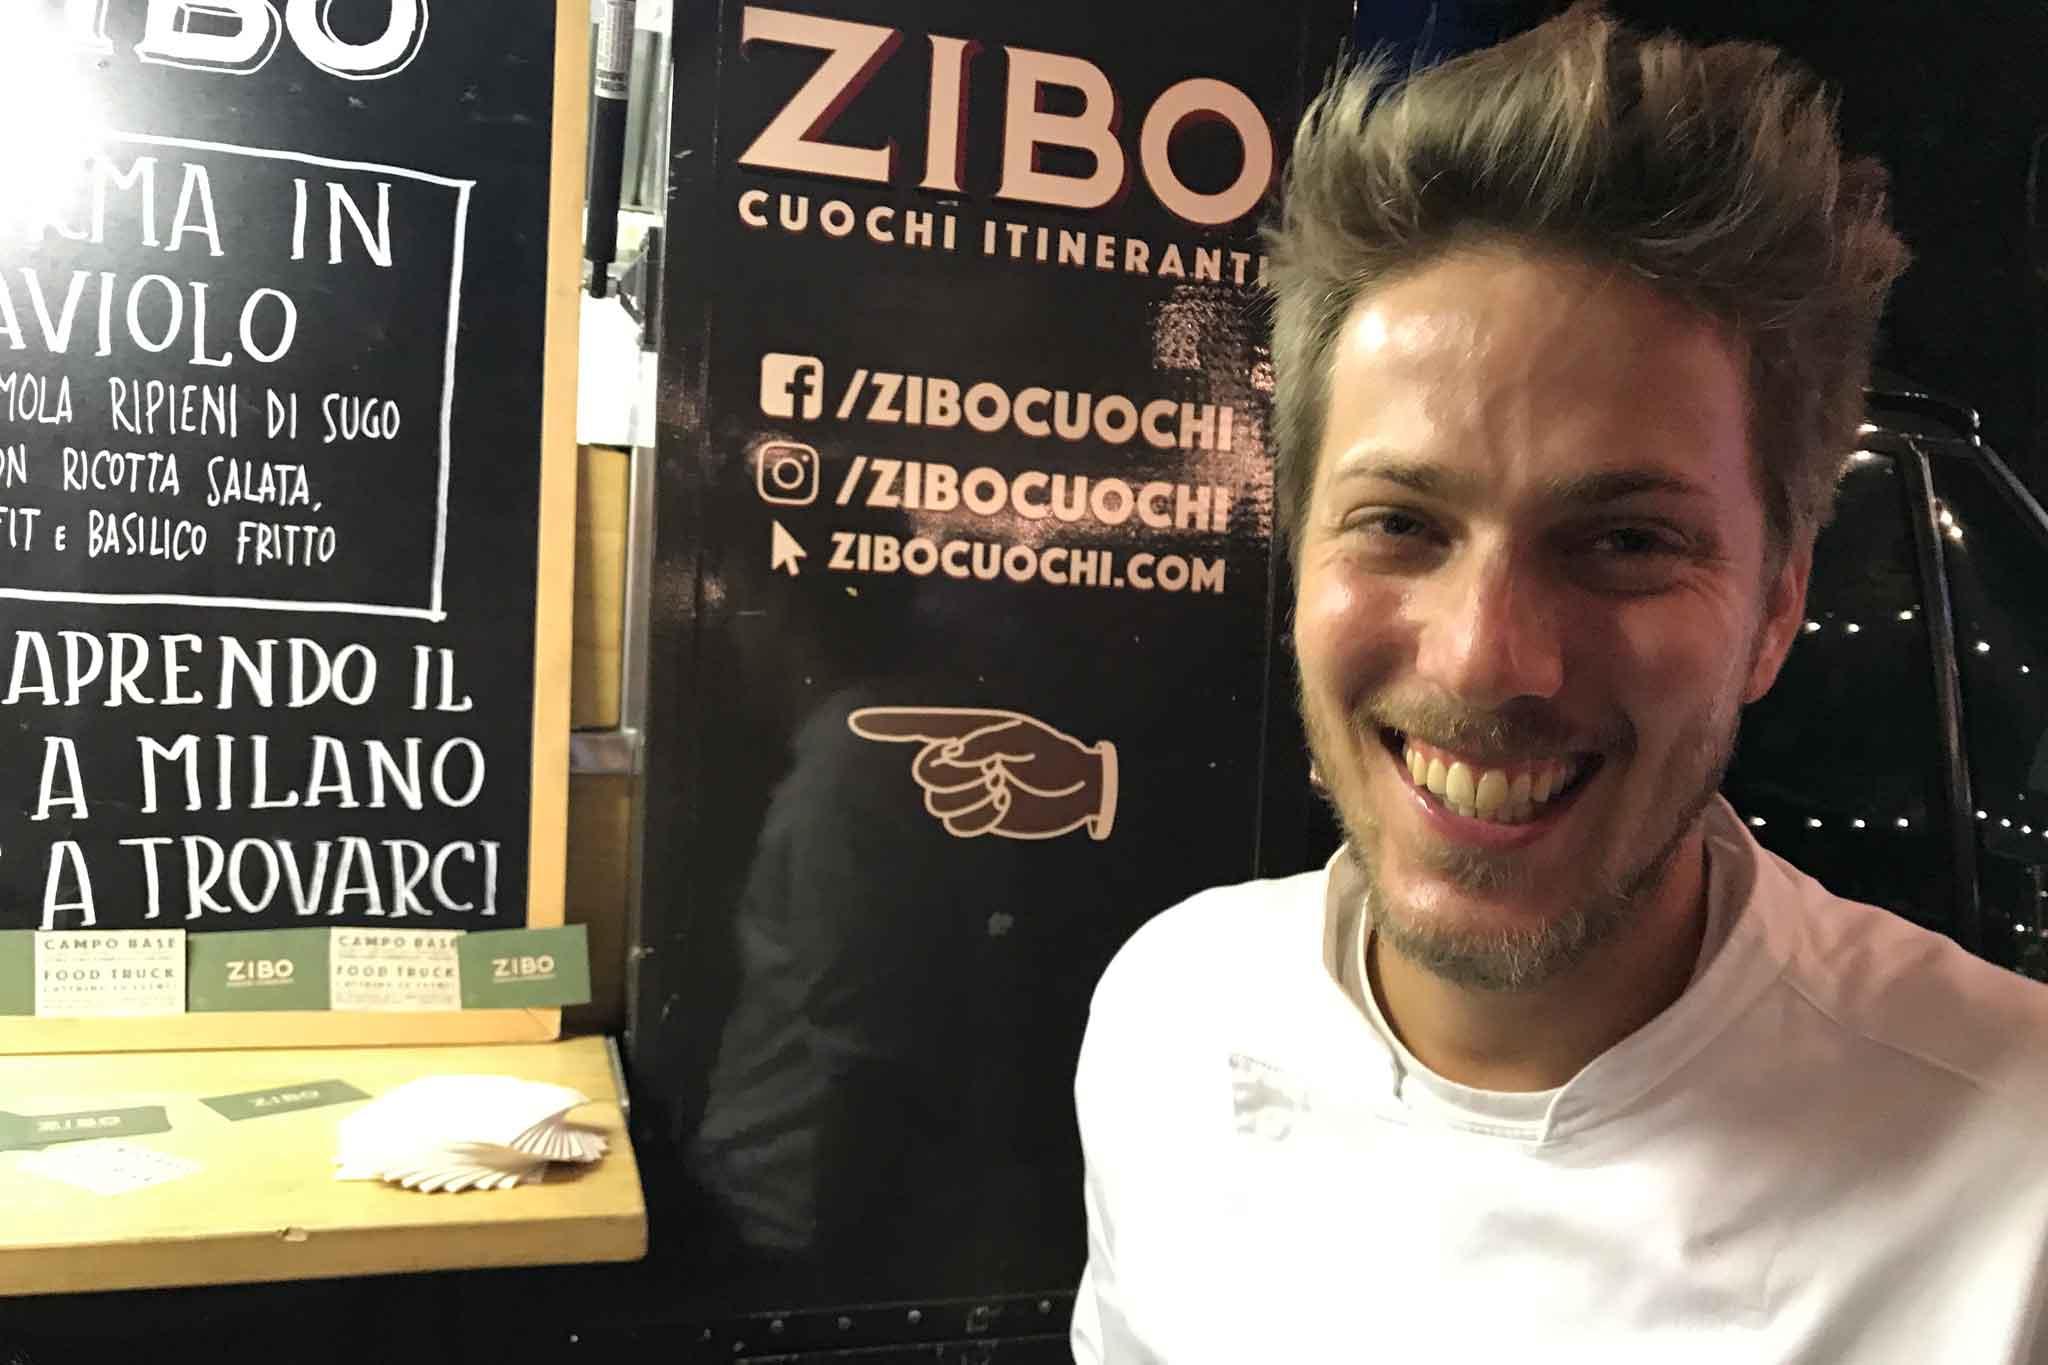 Milano la fantastica pasta ripiena nel nuovo zibo in sant for Ristorante da giulio milano